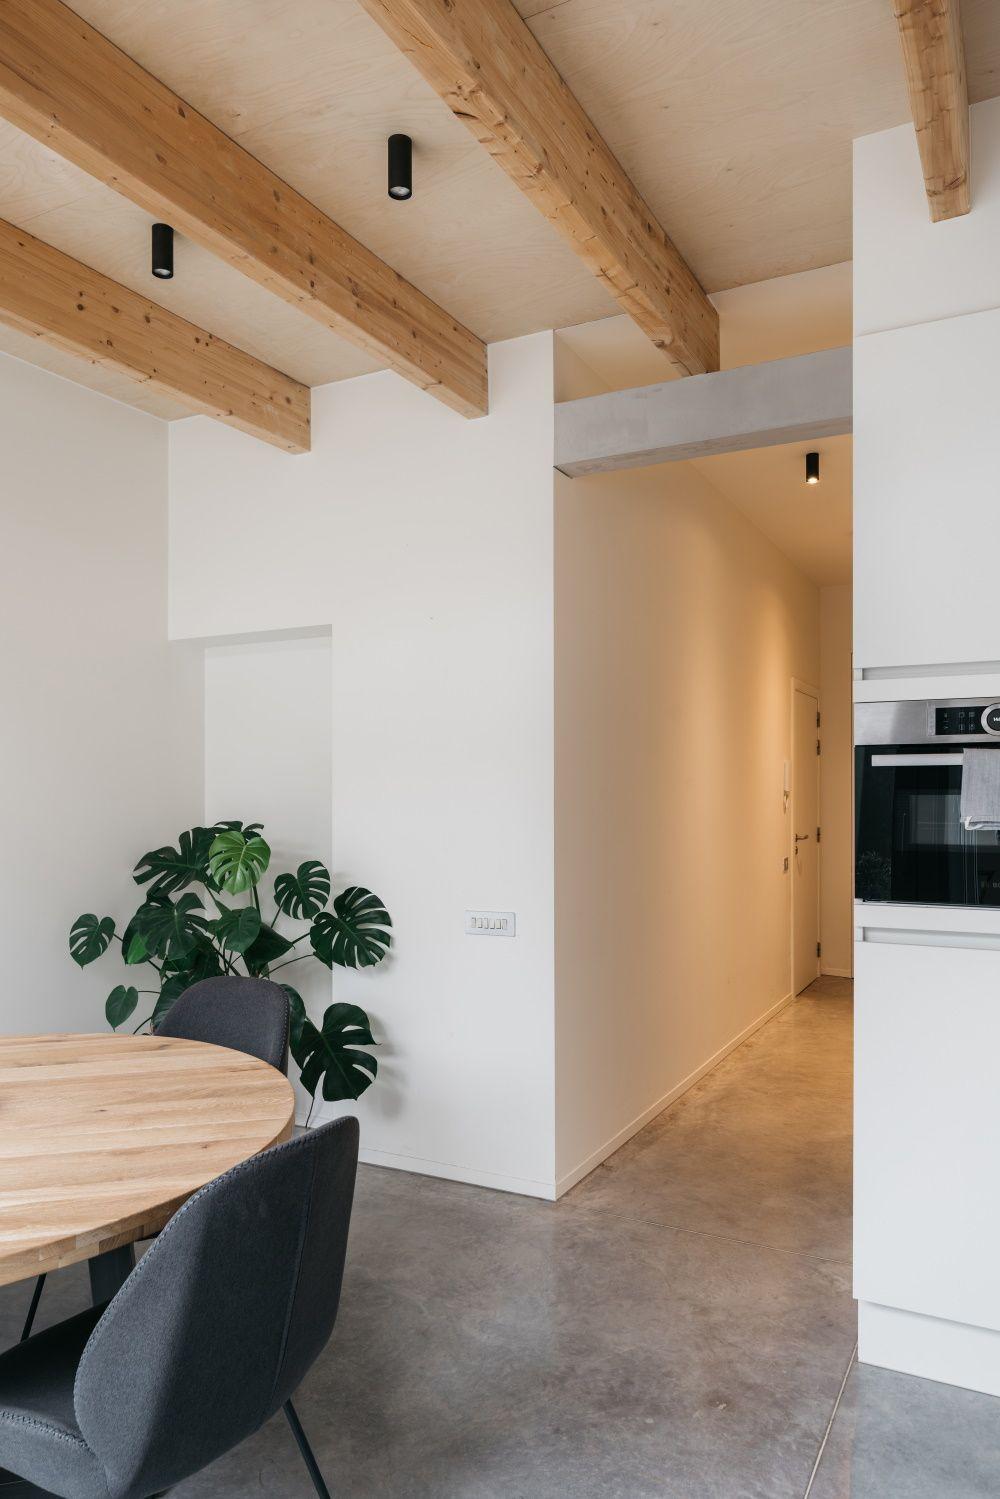 Balkenconstructie in leefruimte